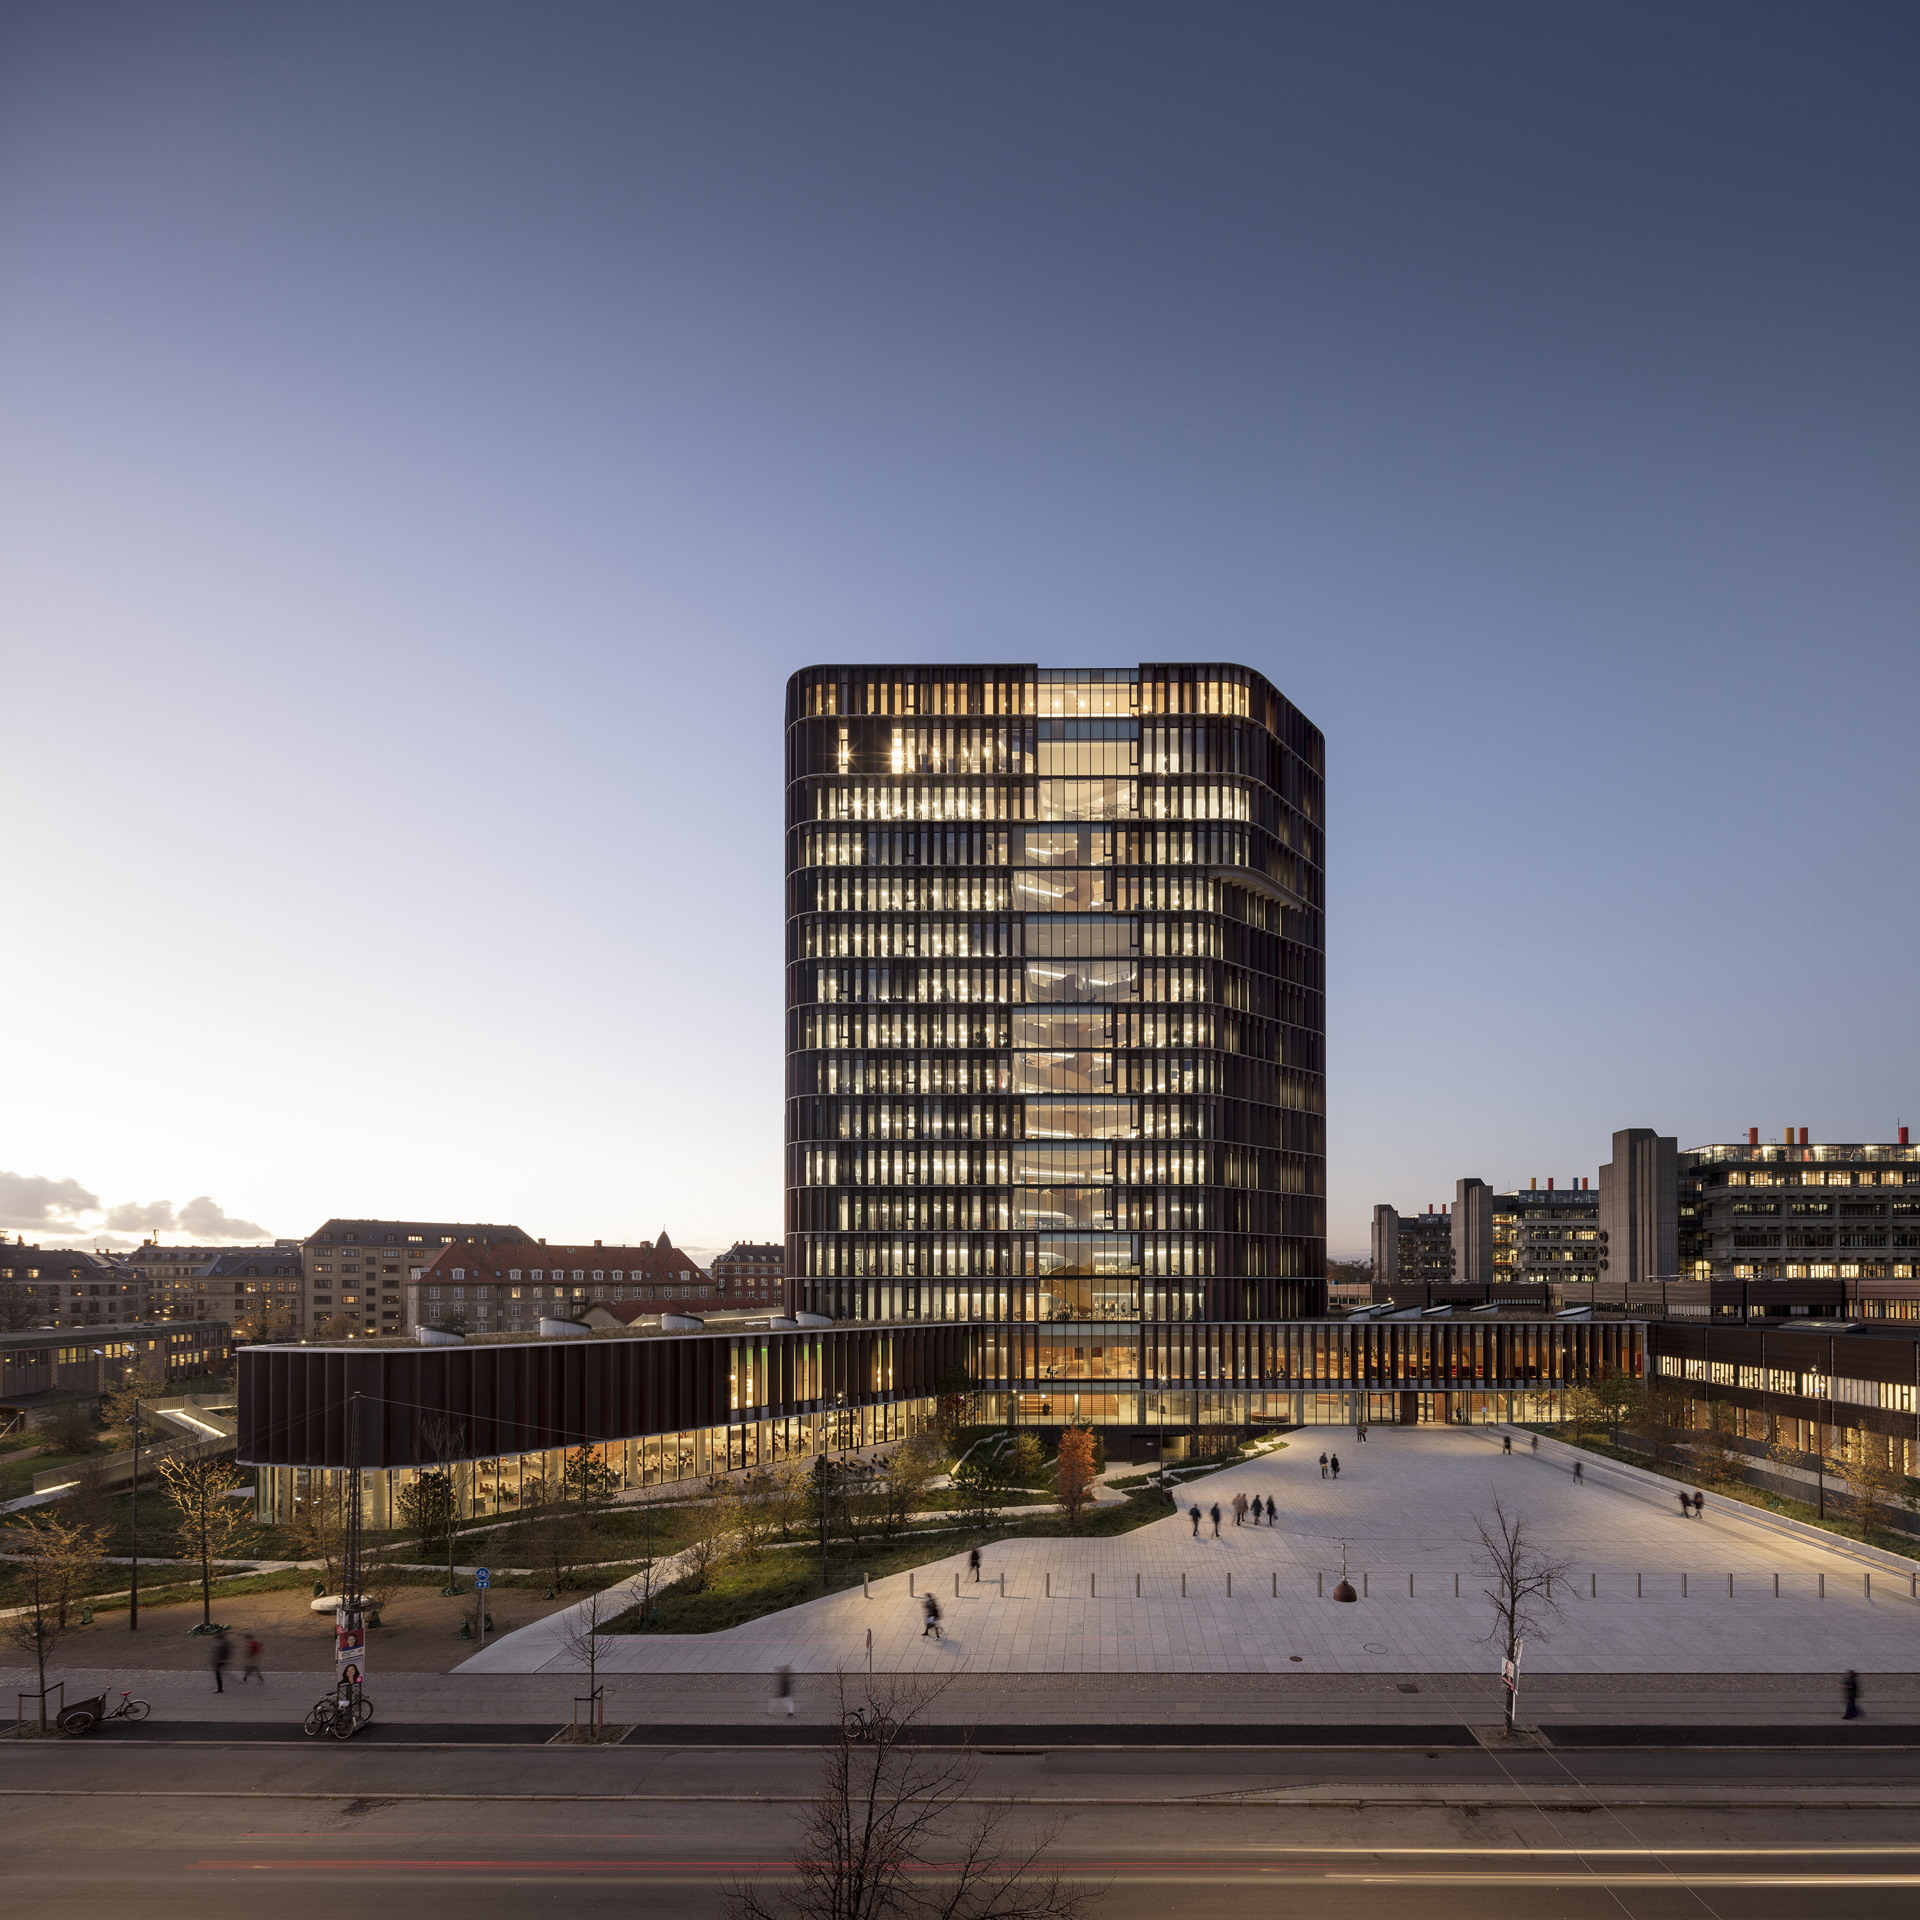 C.F. Møller : tour Maersk, bâtiment Panum à Copenhague.